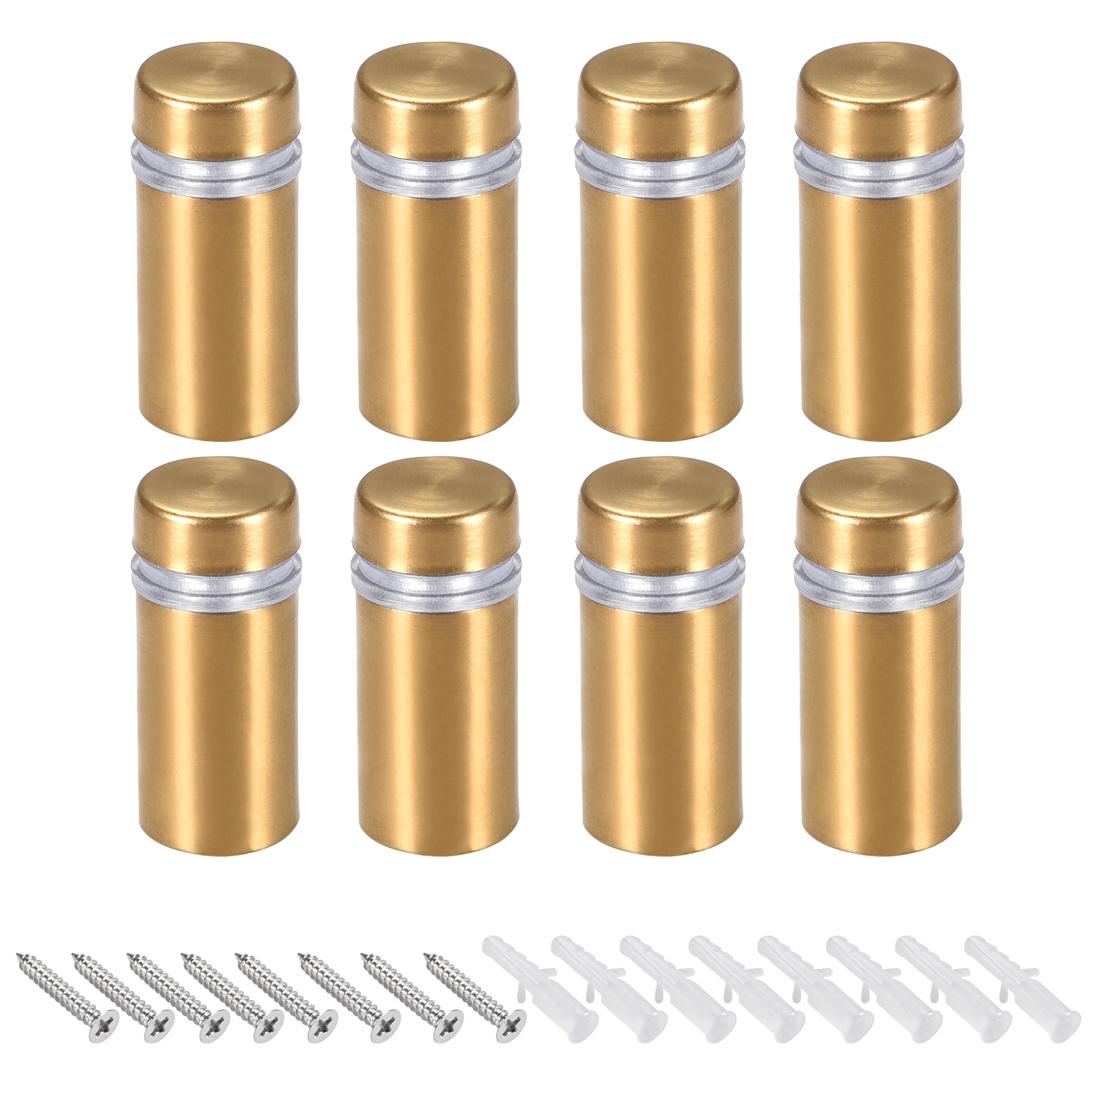 Glass Standoff Mount Wall Standoff Nails 12mm Dia 28mm Length Golden 8 Pcs